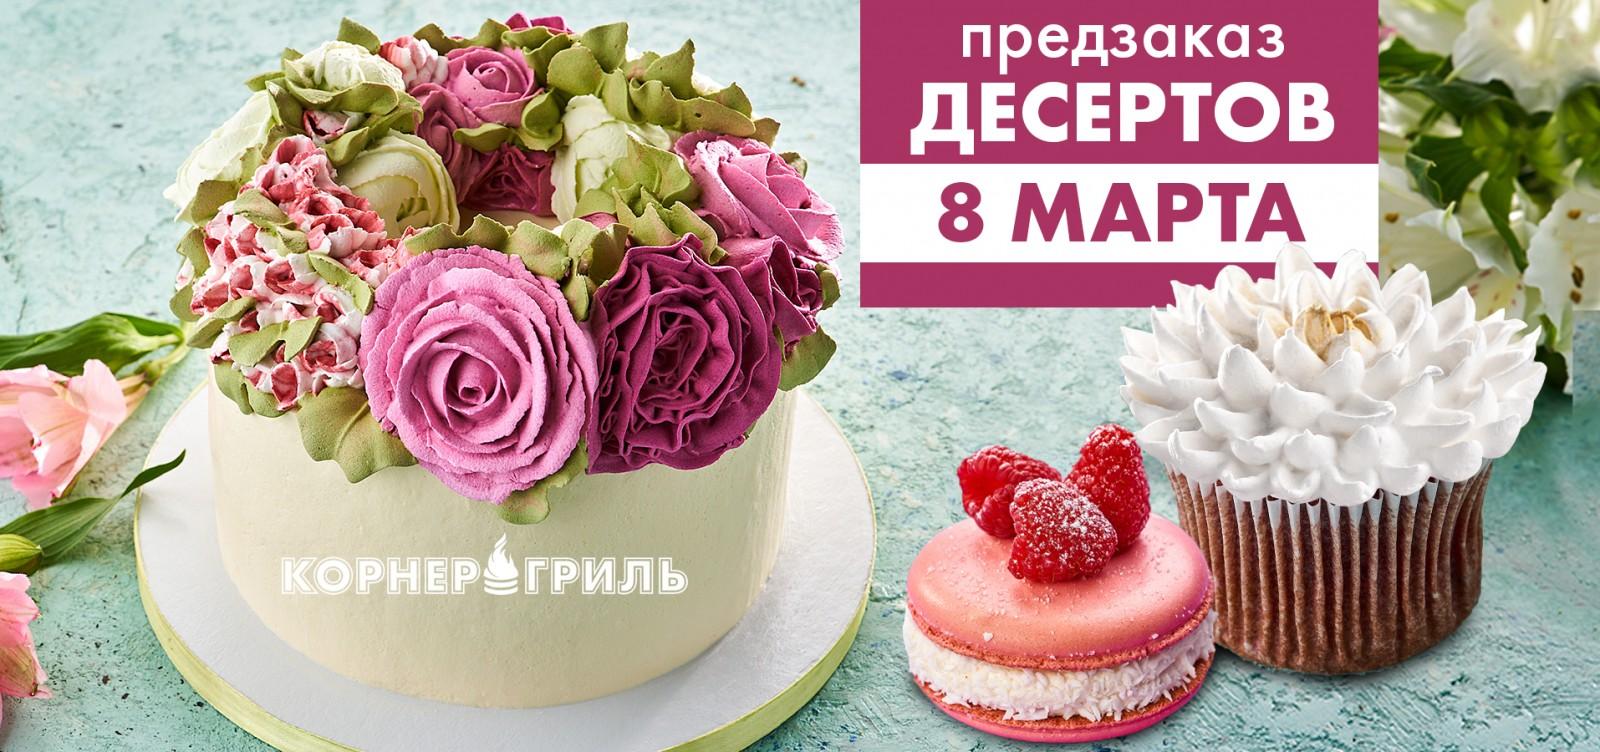 Десерты 8 марта